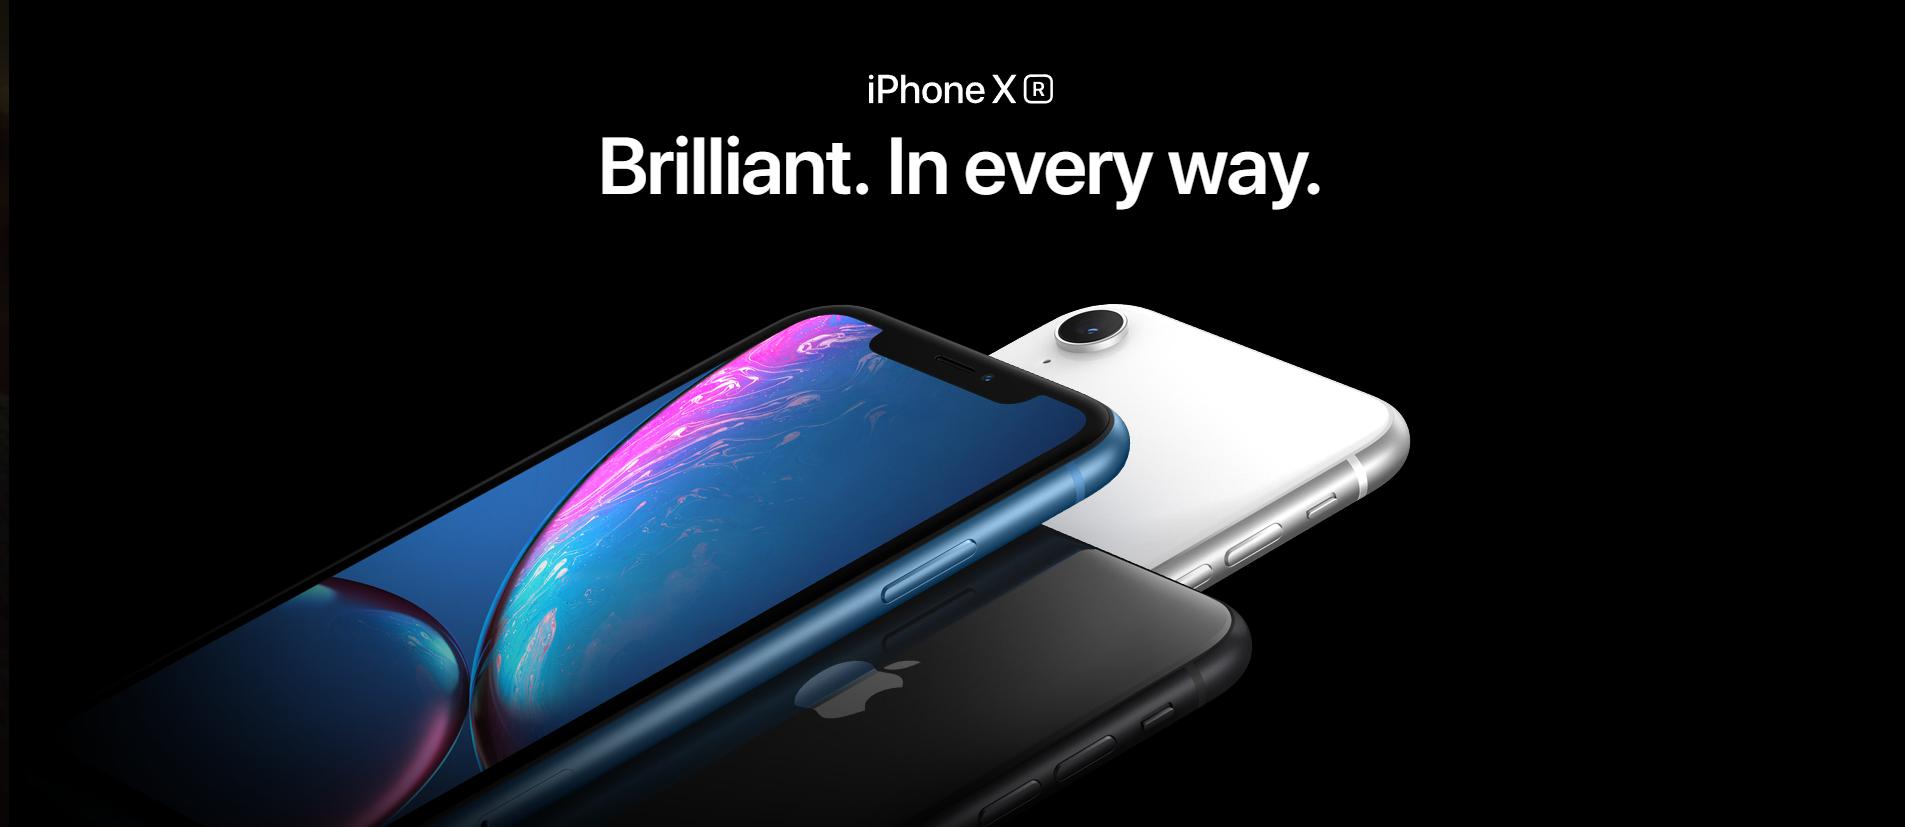 iPhone XR Vorbestellungen starten heute Abend, sollten Sie upgraden?